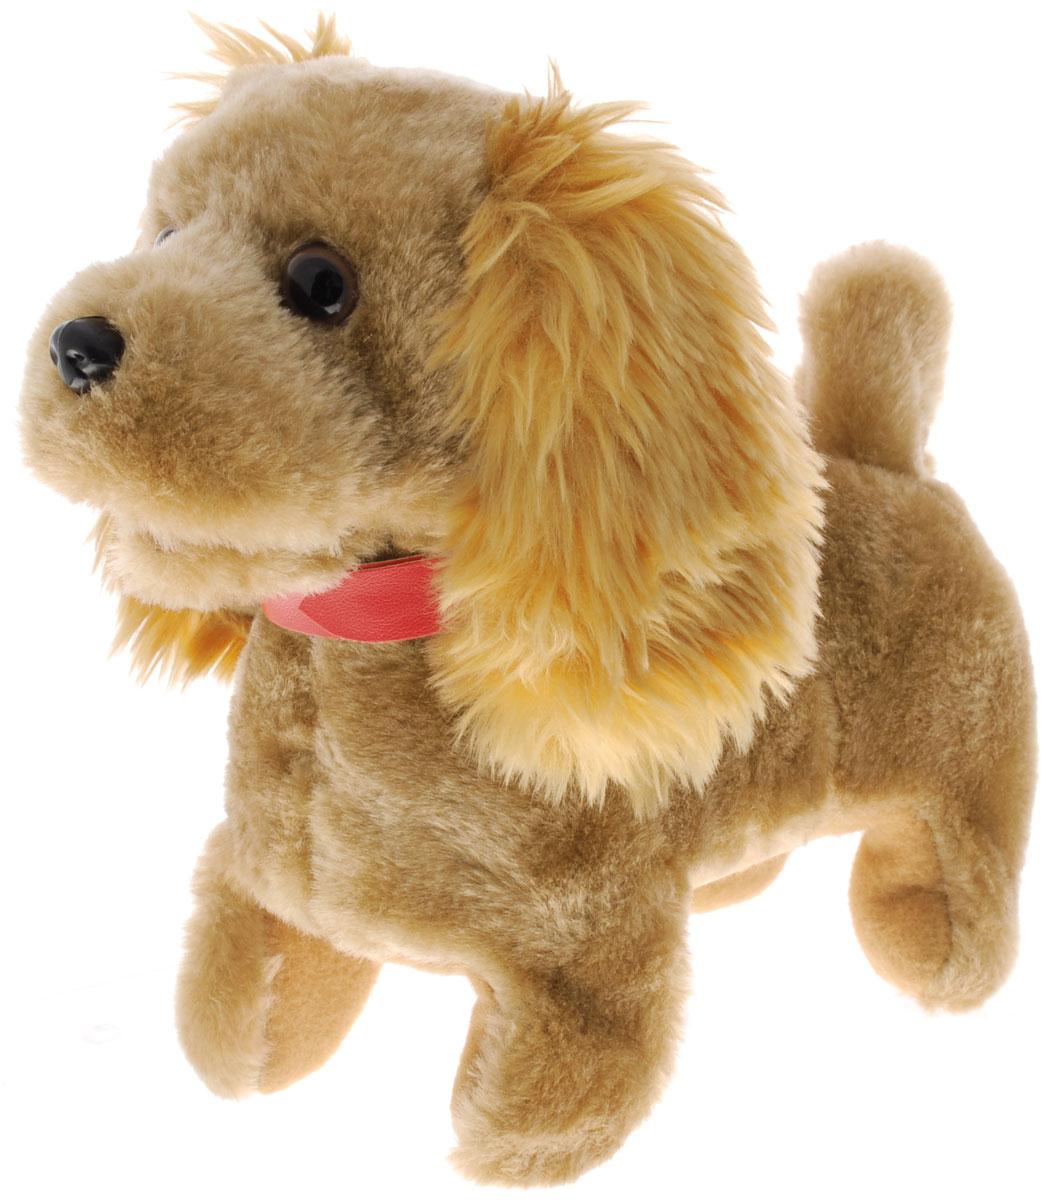 Sonata Style Мягкая игрушка Собачка цвет коричневый 22 смGT5928_коричневыйМягкая игрушка Sonata Style Собачка - самый лучший подарок для ребенка! Забавная игрушка сделана из приятного и очень мягкого материала, безвредного для малыша. Собачка умеет ходить вперед, останавливаться, шевелить хвостиком и лаять. Управляется собачка с помощью поводка, потянув за который, можно включить игрушку. Переключение режимов лая и ходьбы происходит последовательным потягиванием за поводок. Для работы игрушки необходимы 2 батарейки типа С (товар комплектуется демонстрационными).